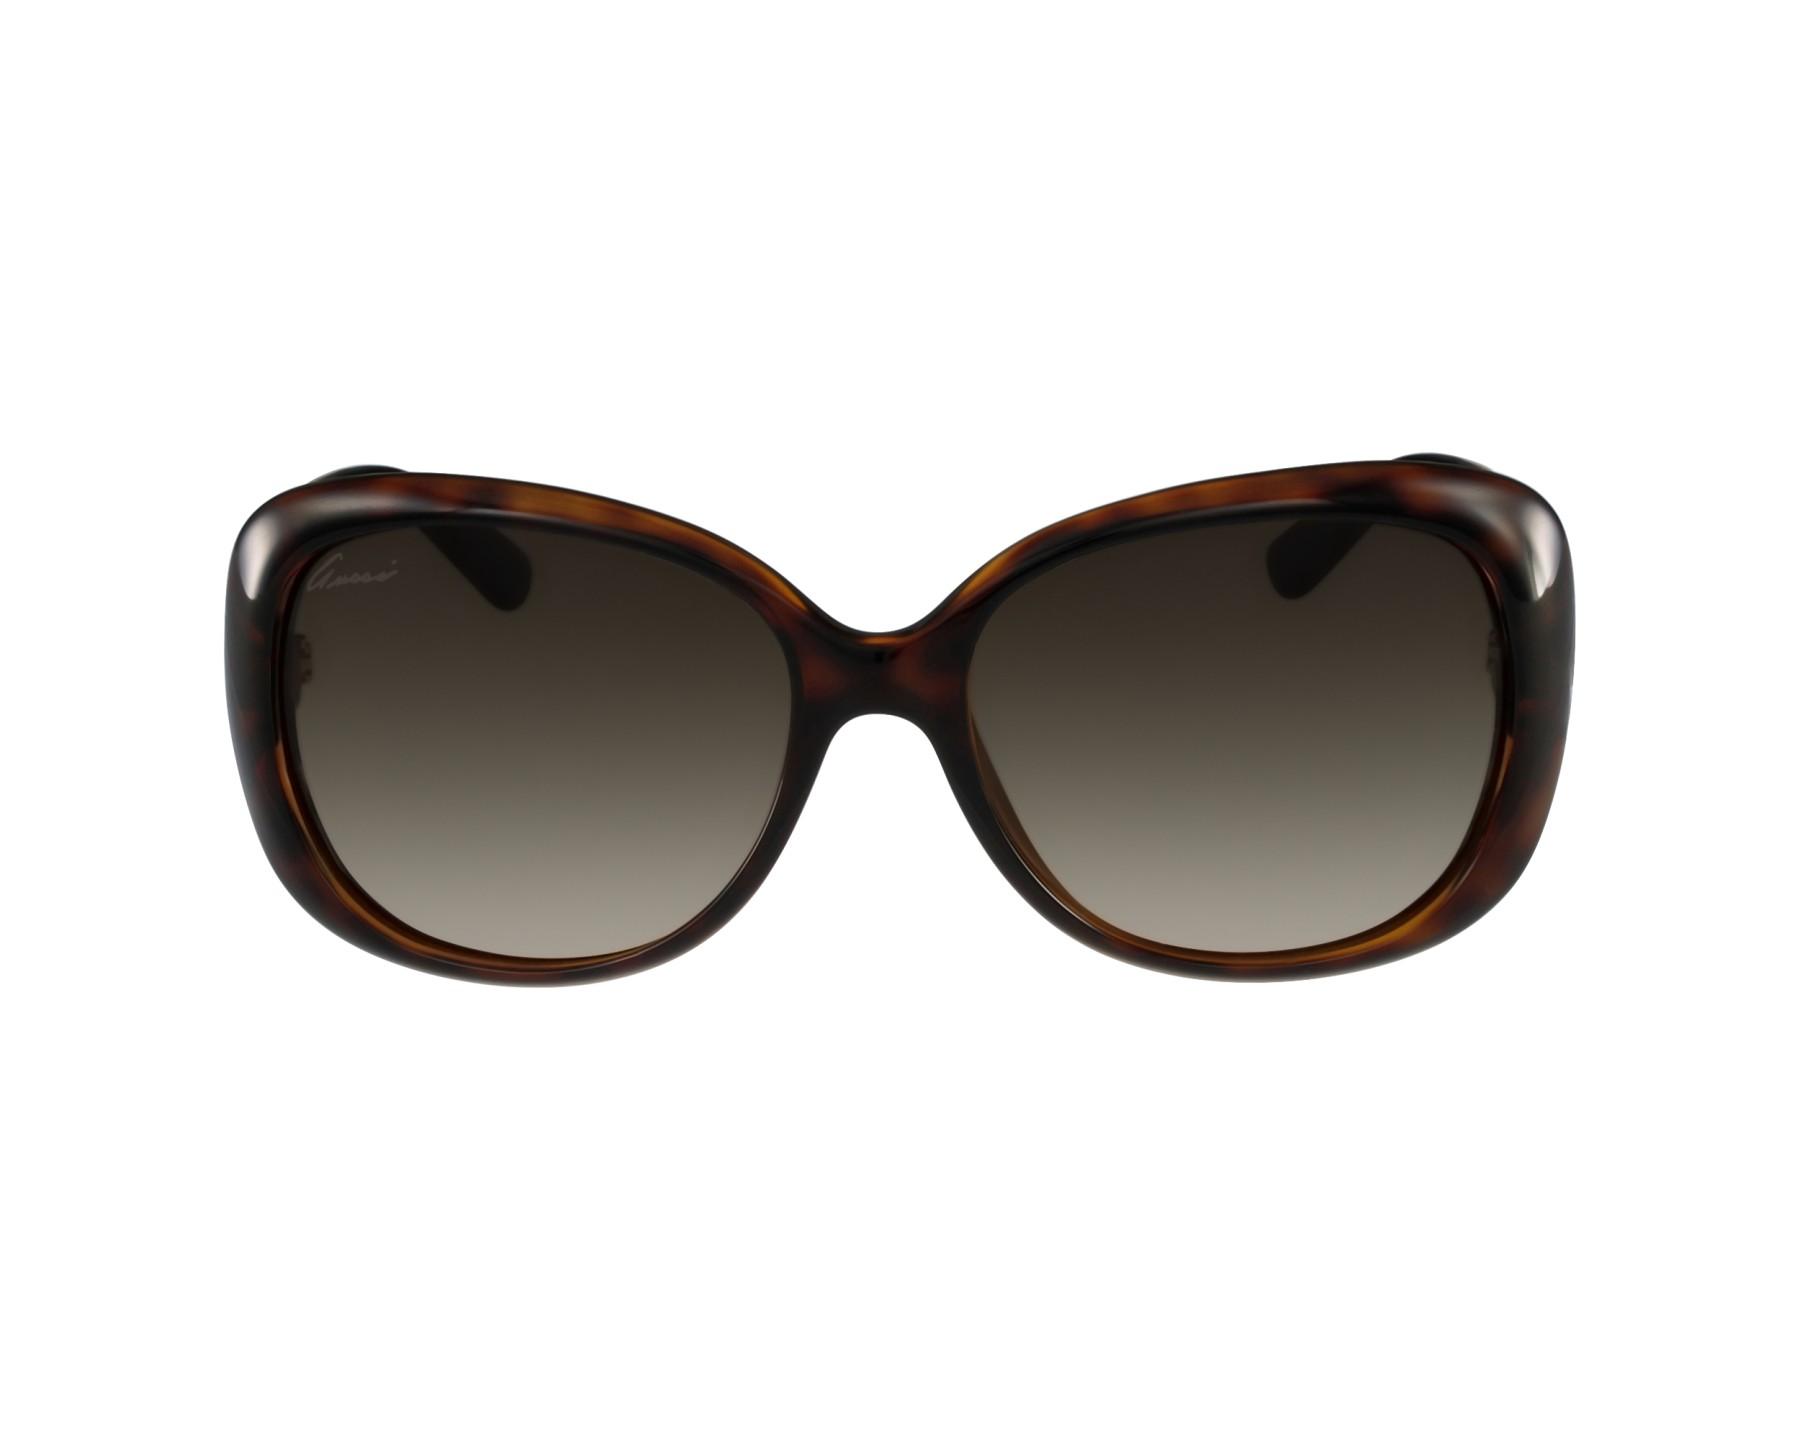 Gucci gafas de sol gg 3644 s dwj ha compre ahora en - Emoticono gafas de sol ...